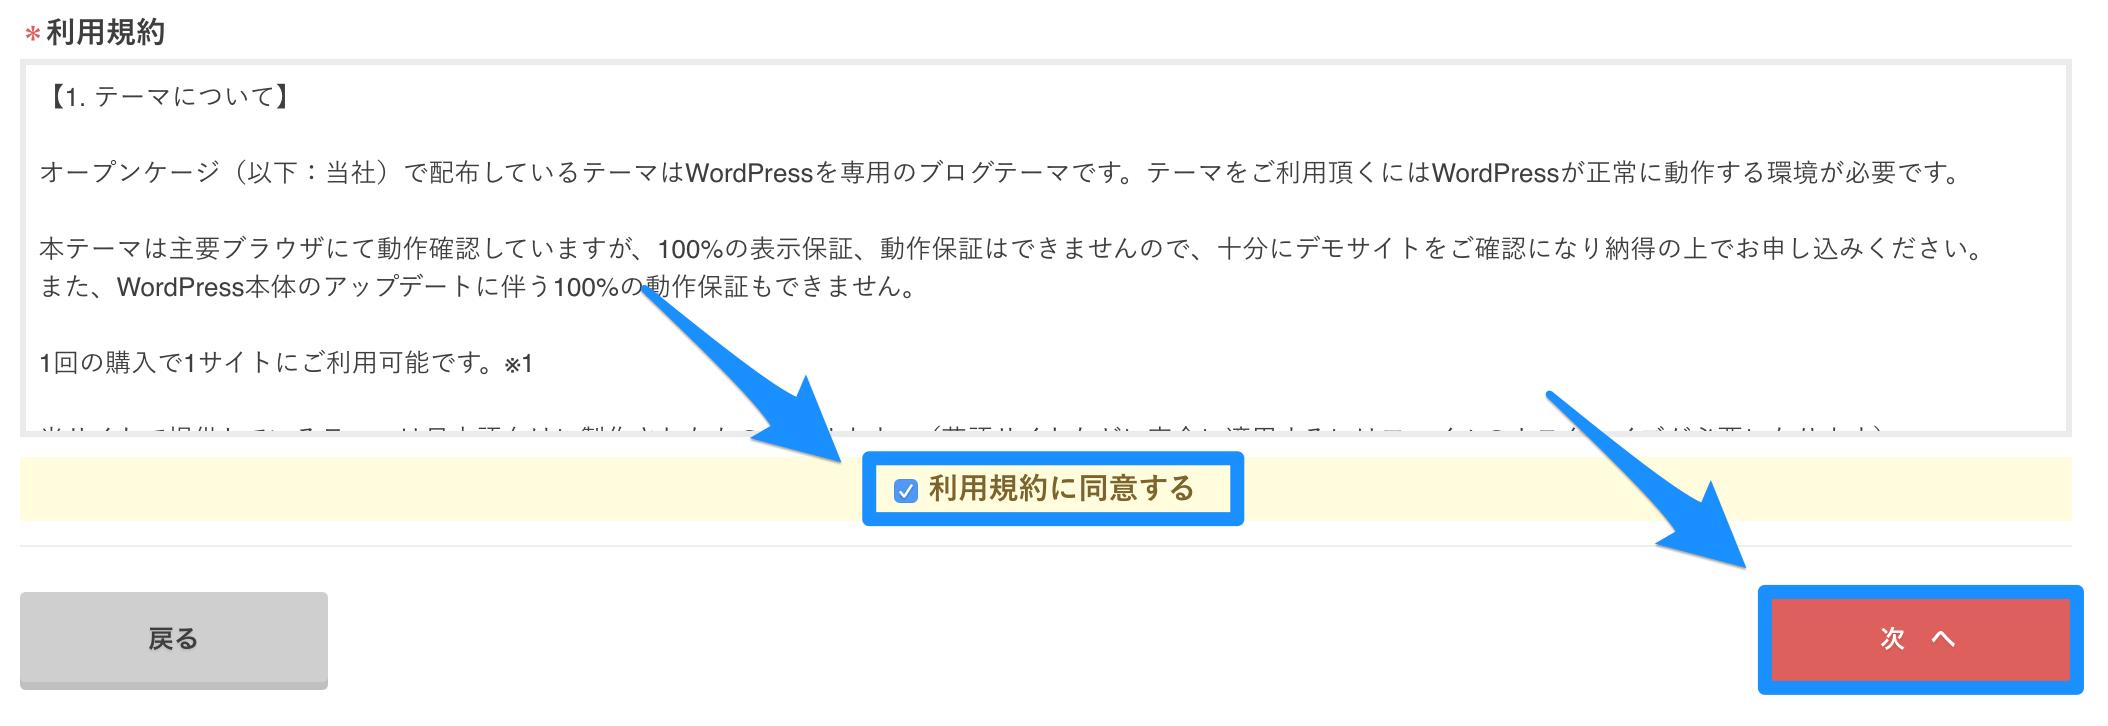 STORK19購入&ダウンロード_6